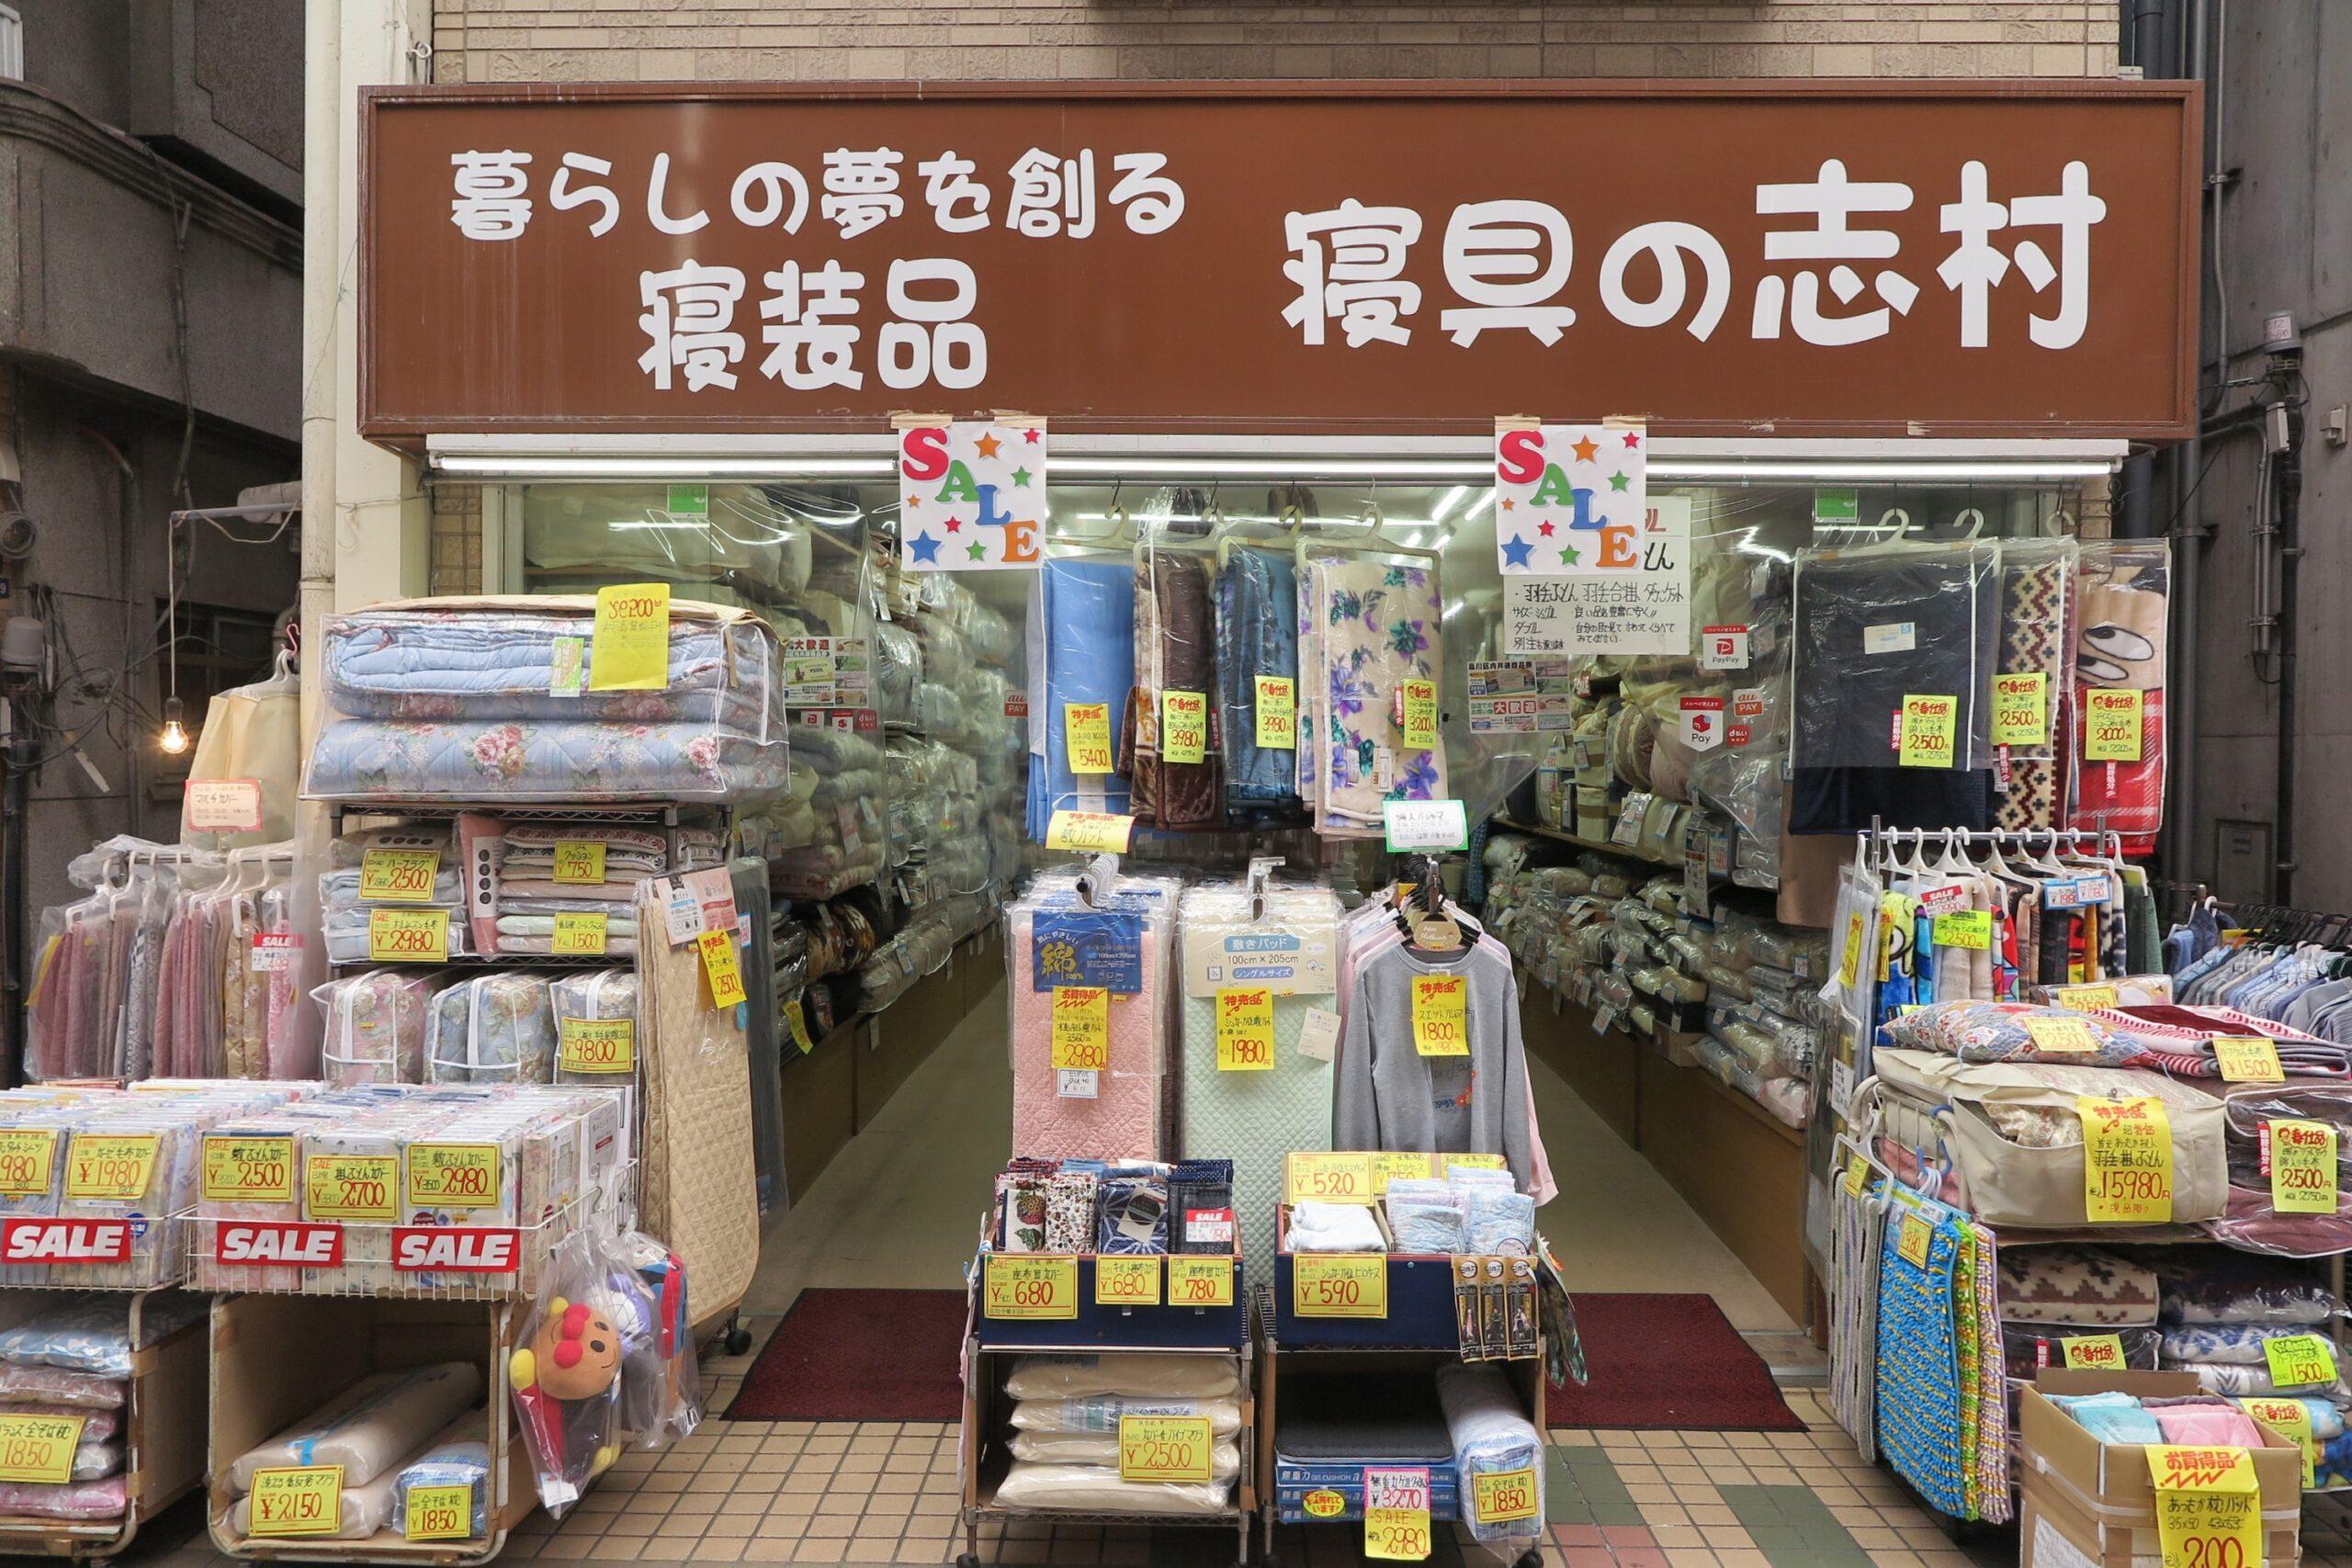 https://nakanobu.com/wp-content/uploads/2021/04/7f84787237bce838e1e77a64544ca1d5-scaled.jpg